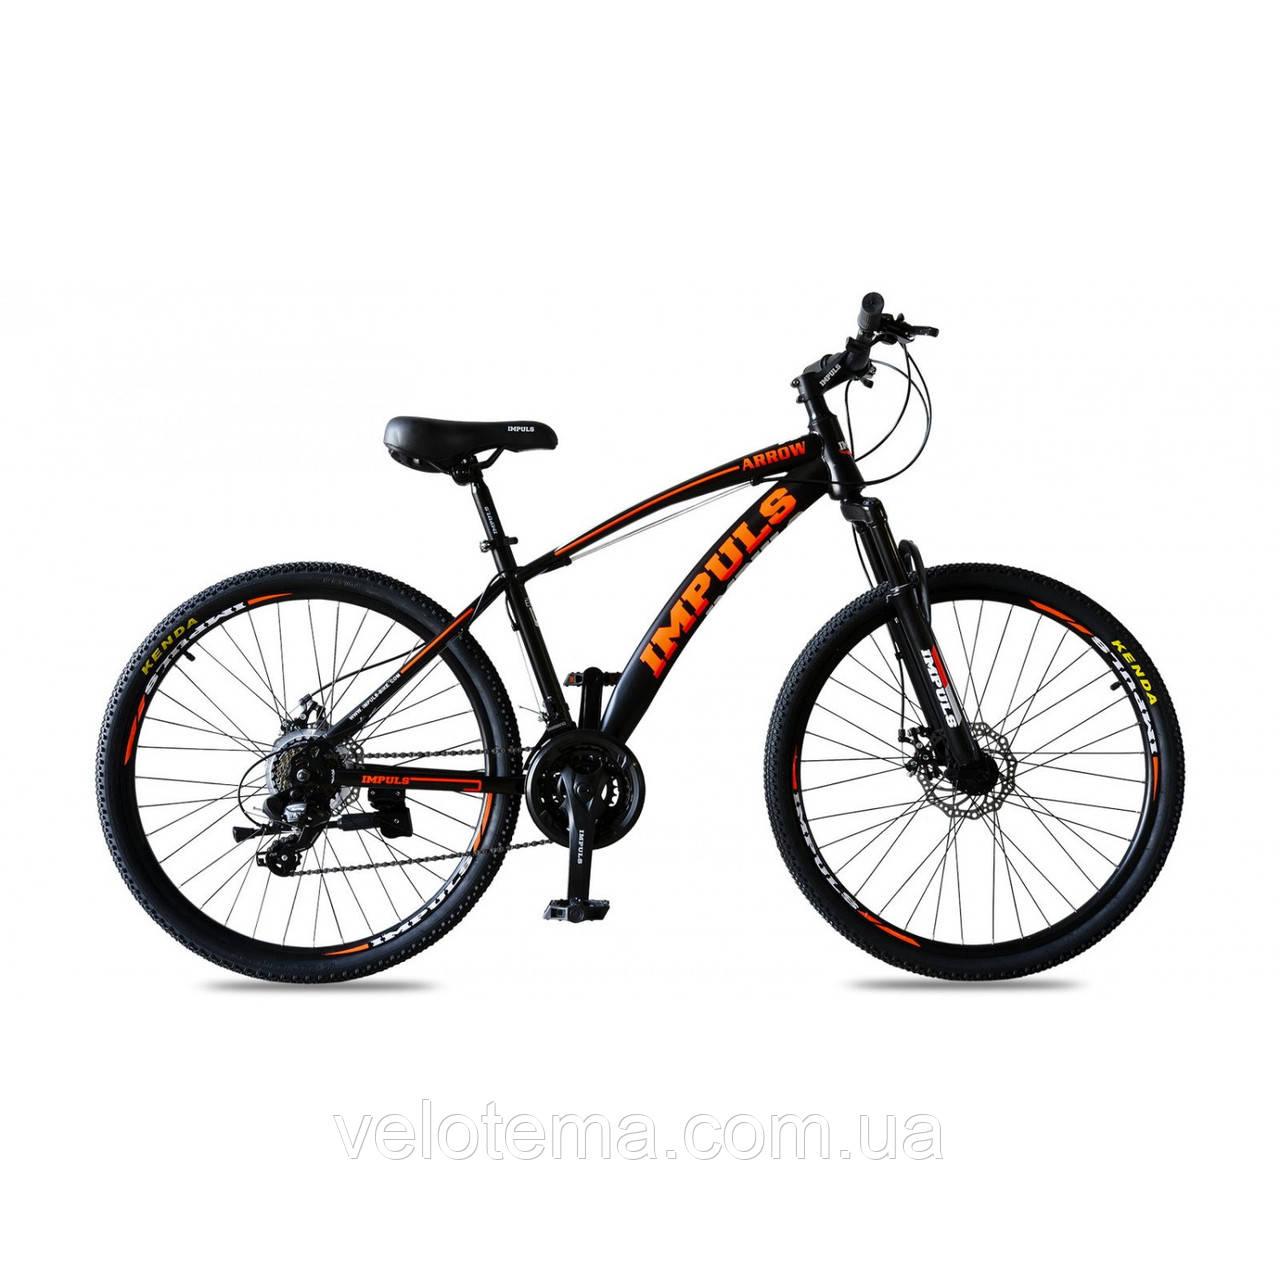 Велосипед Impuls Arrow 26 чёрно красный